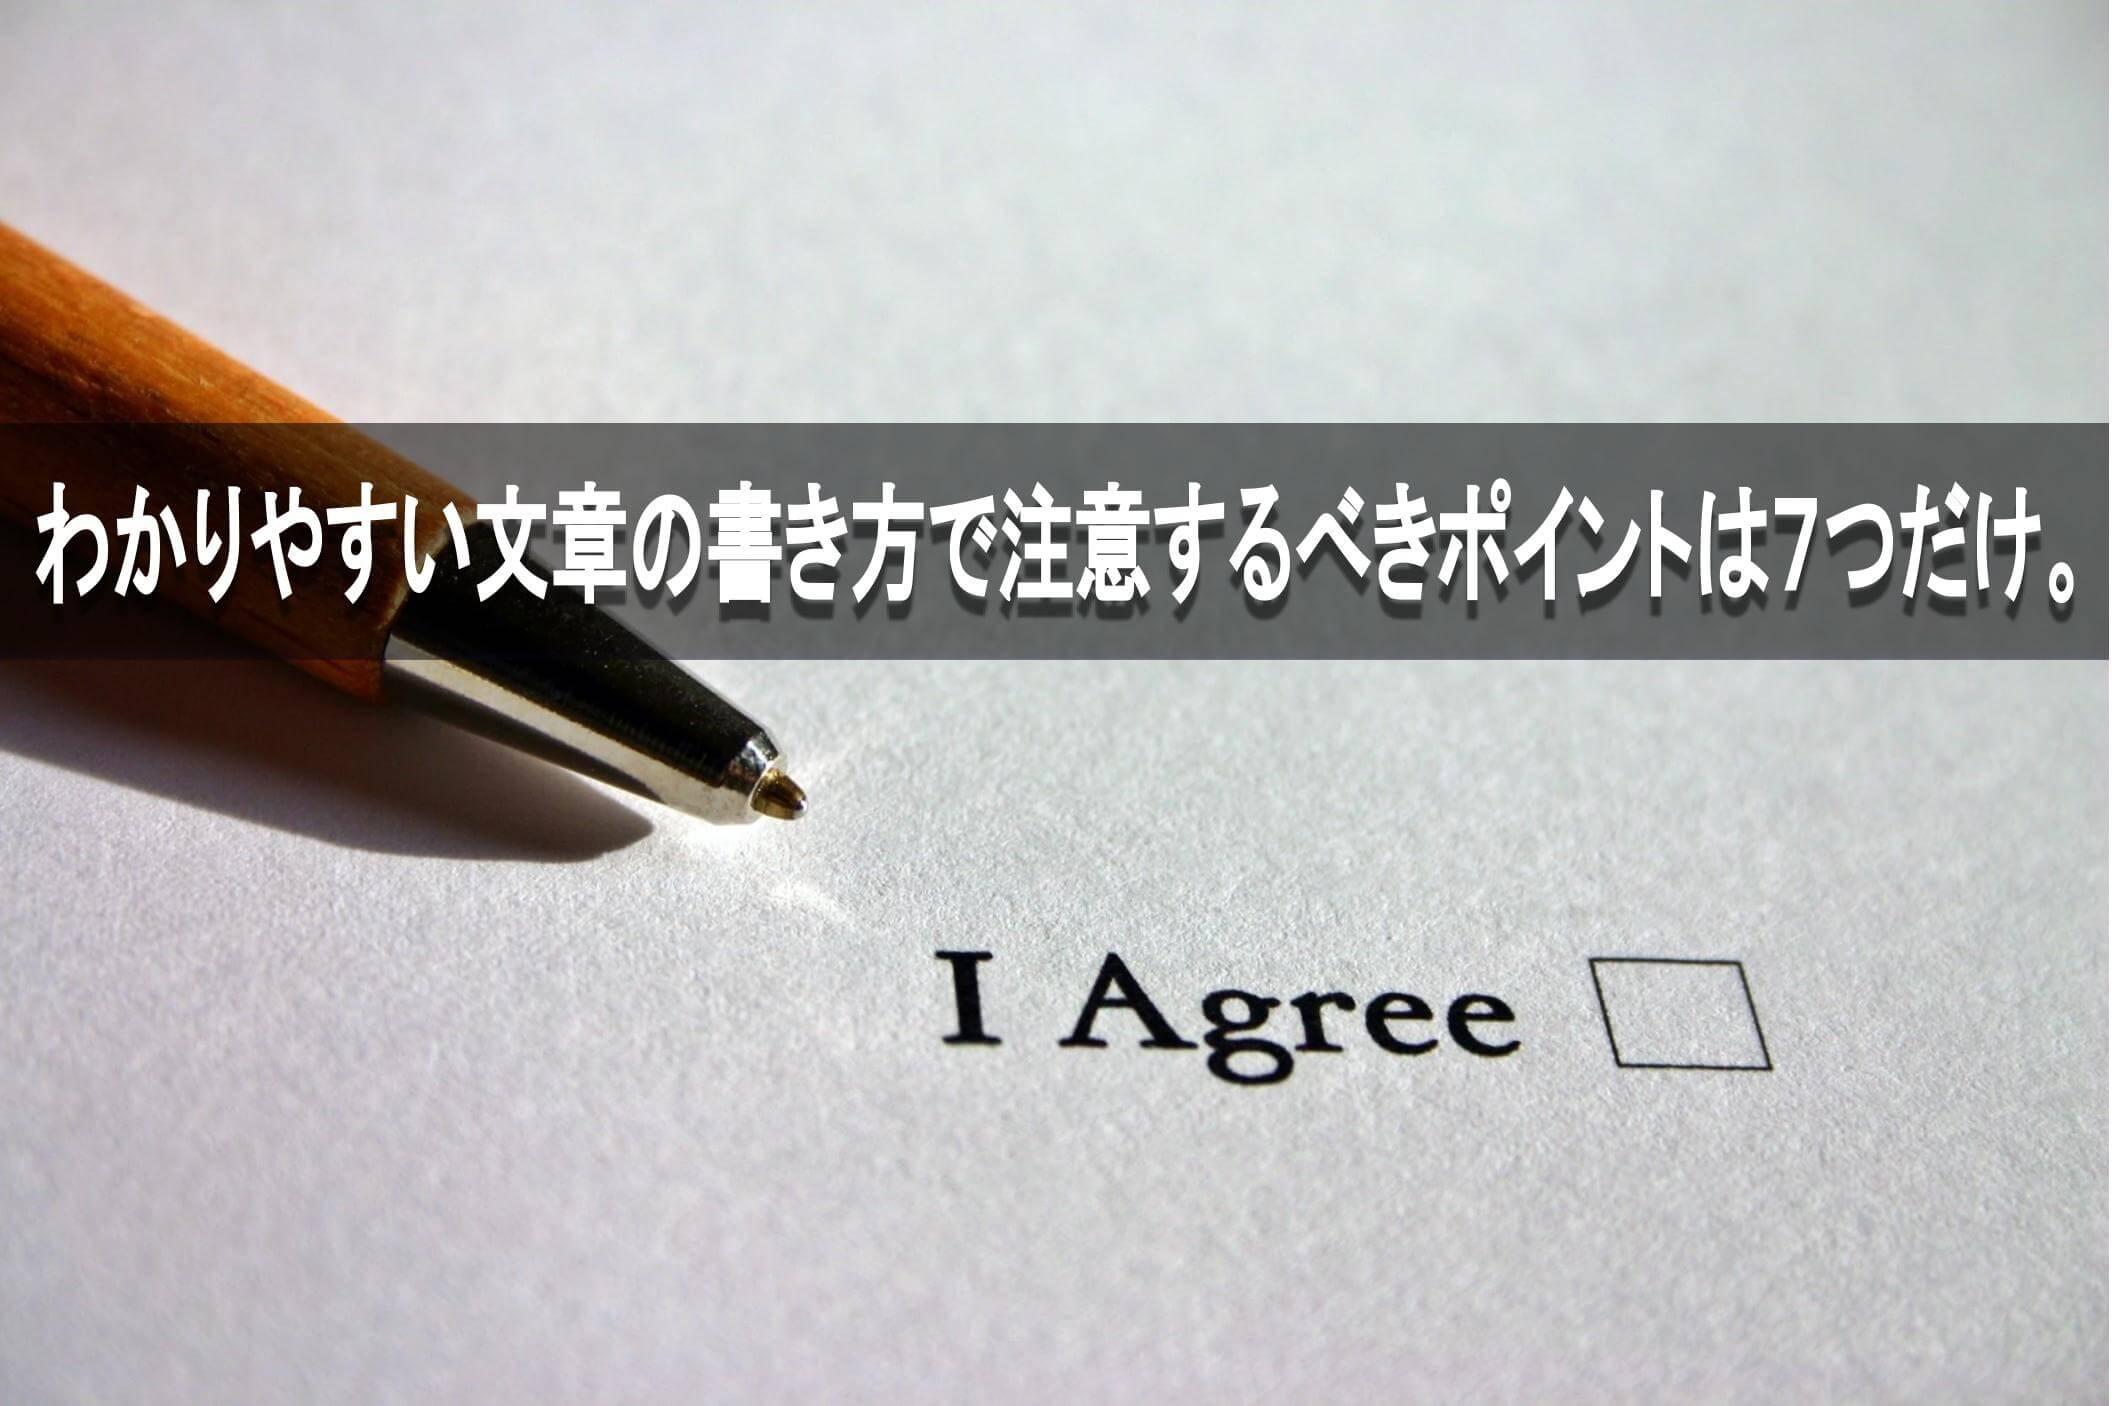 わかりやすい文章の書き方で注意するべきポイントは7つだけ。